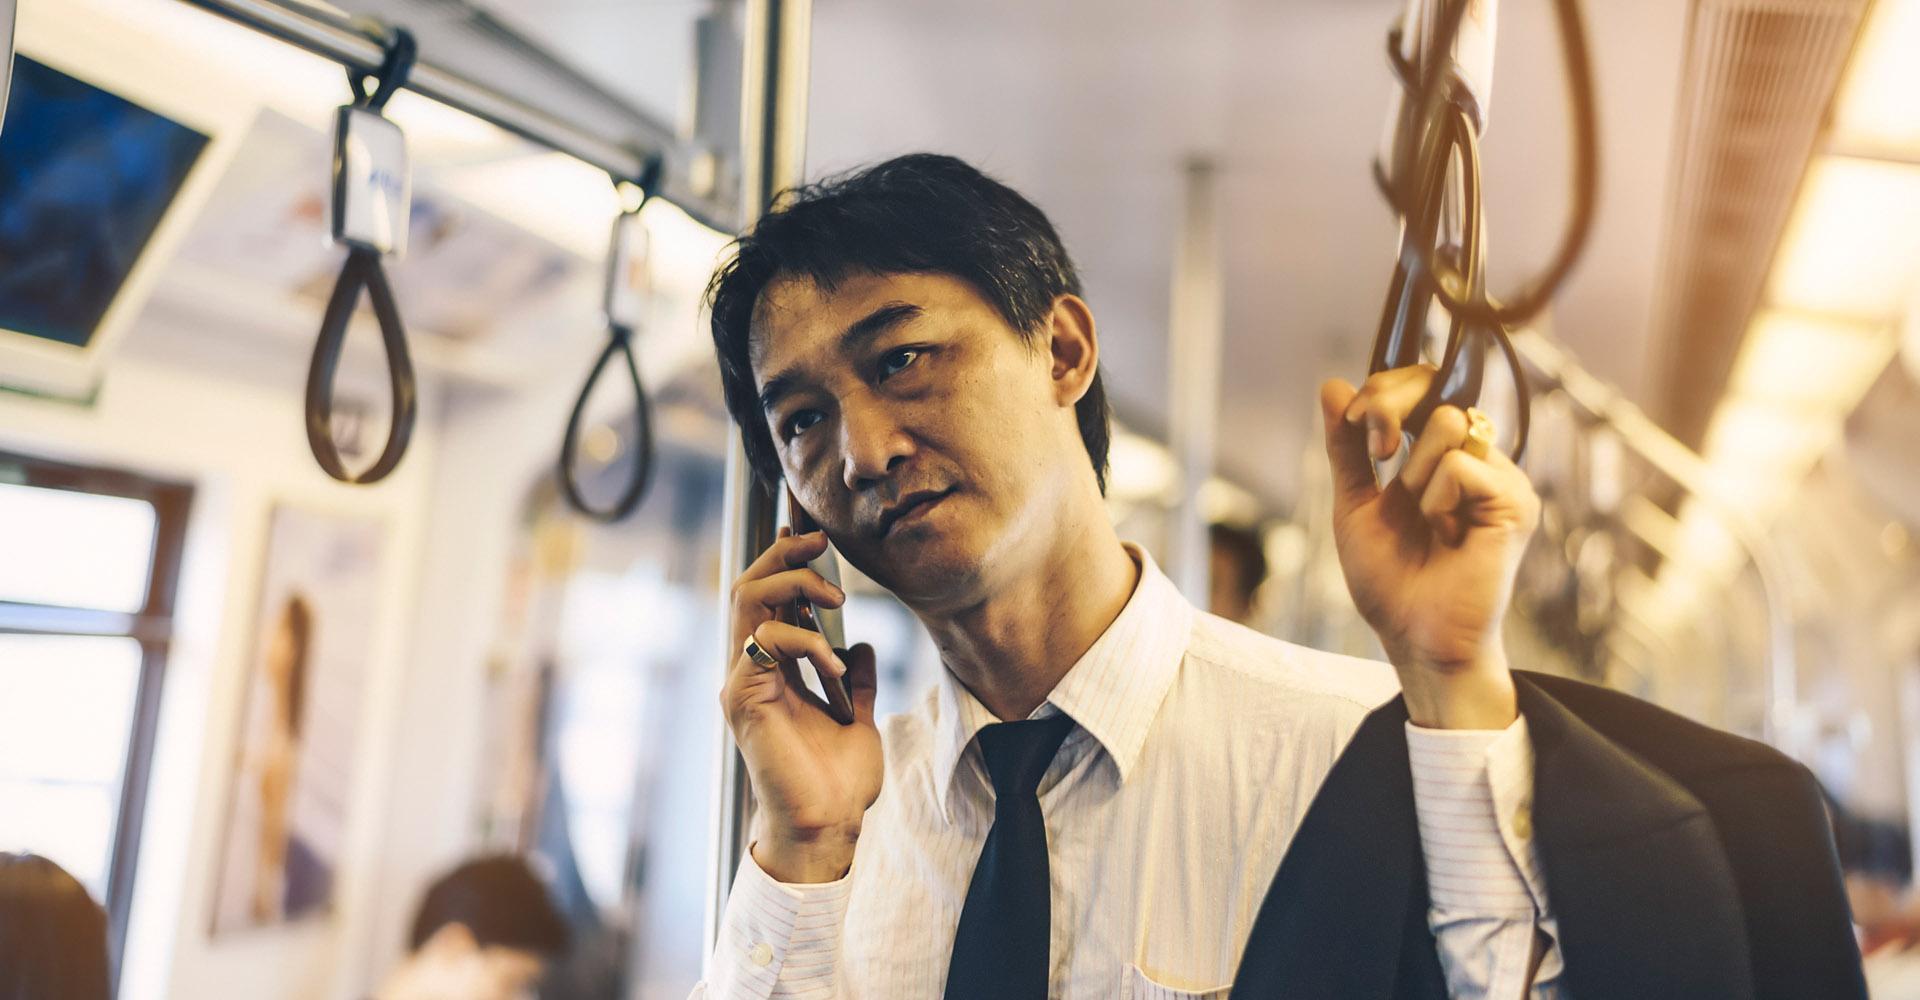 Pendler telefoniert genervt in einer U-Bahn